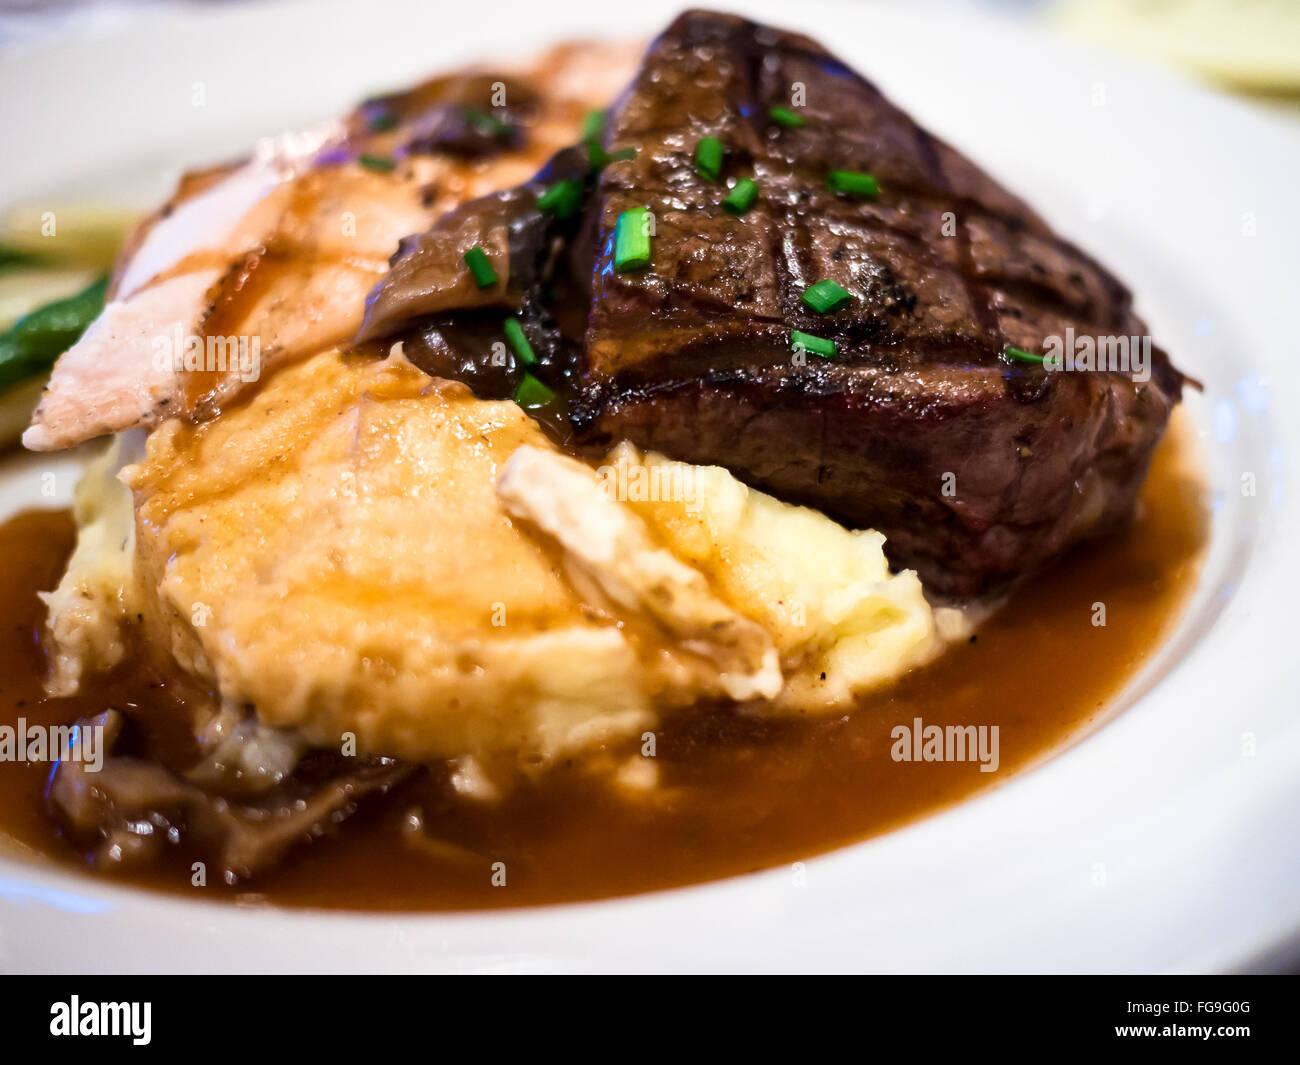 Steak, pommes de terre, et de la sauce sur une assiette blanche Photo Stock